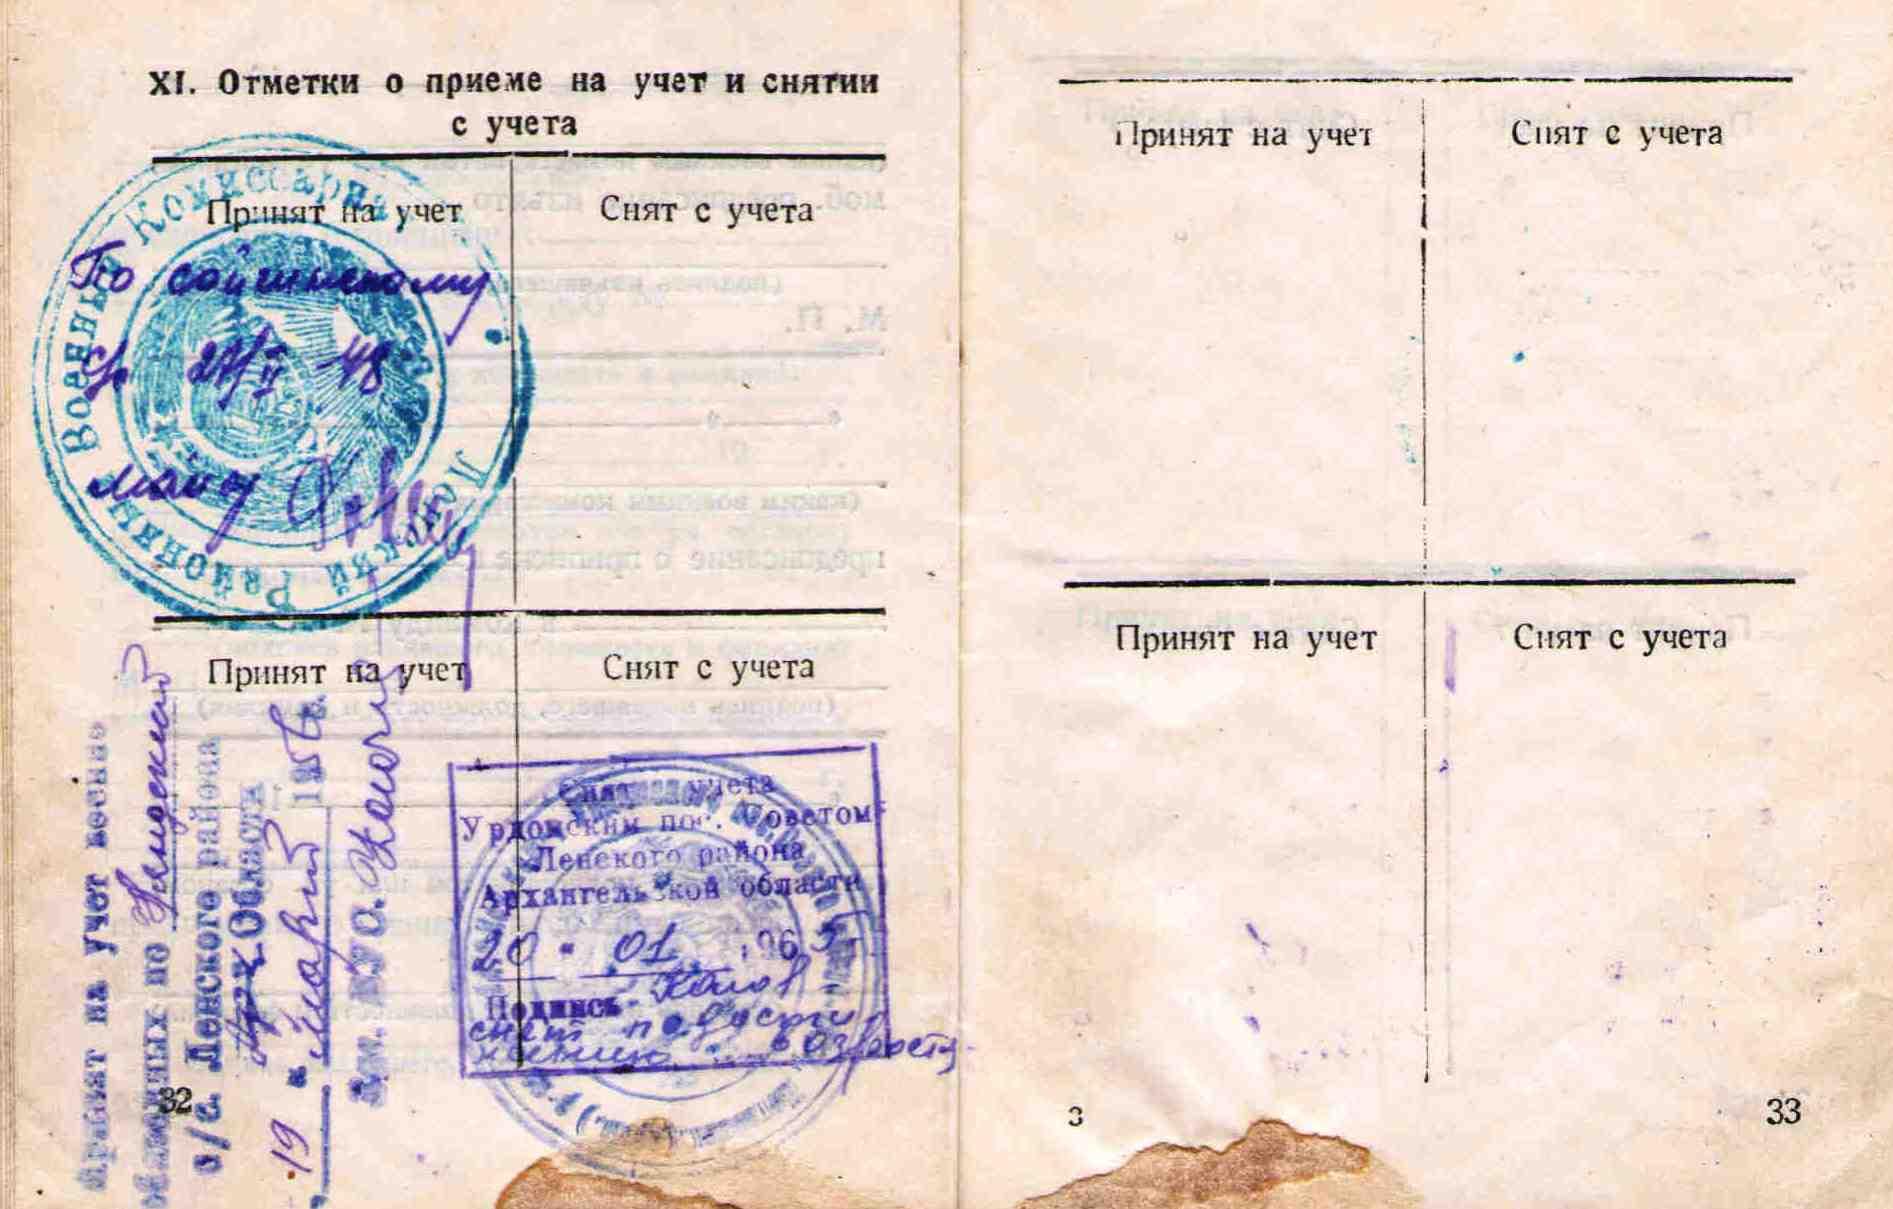 18. Военный билет Барыкина ПП,1948